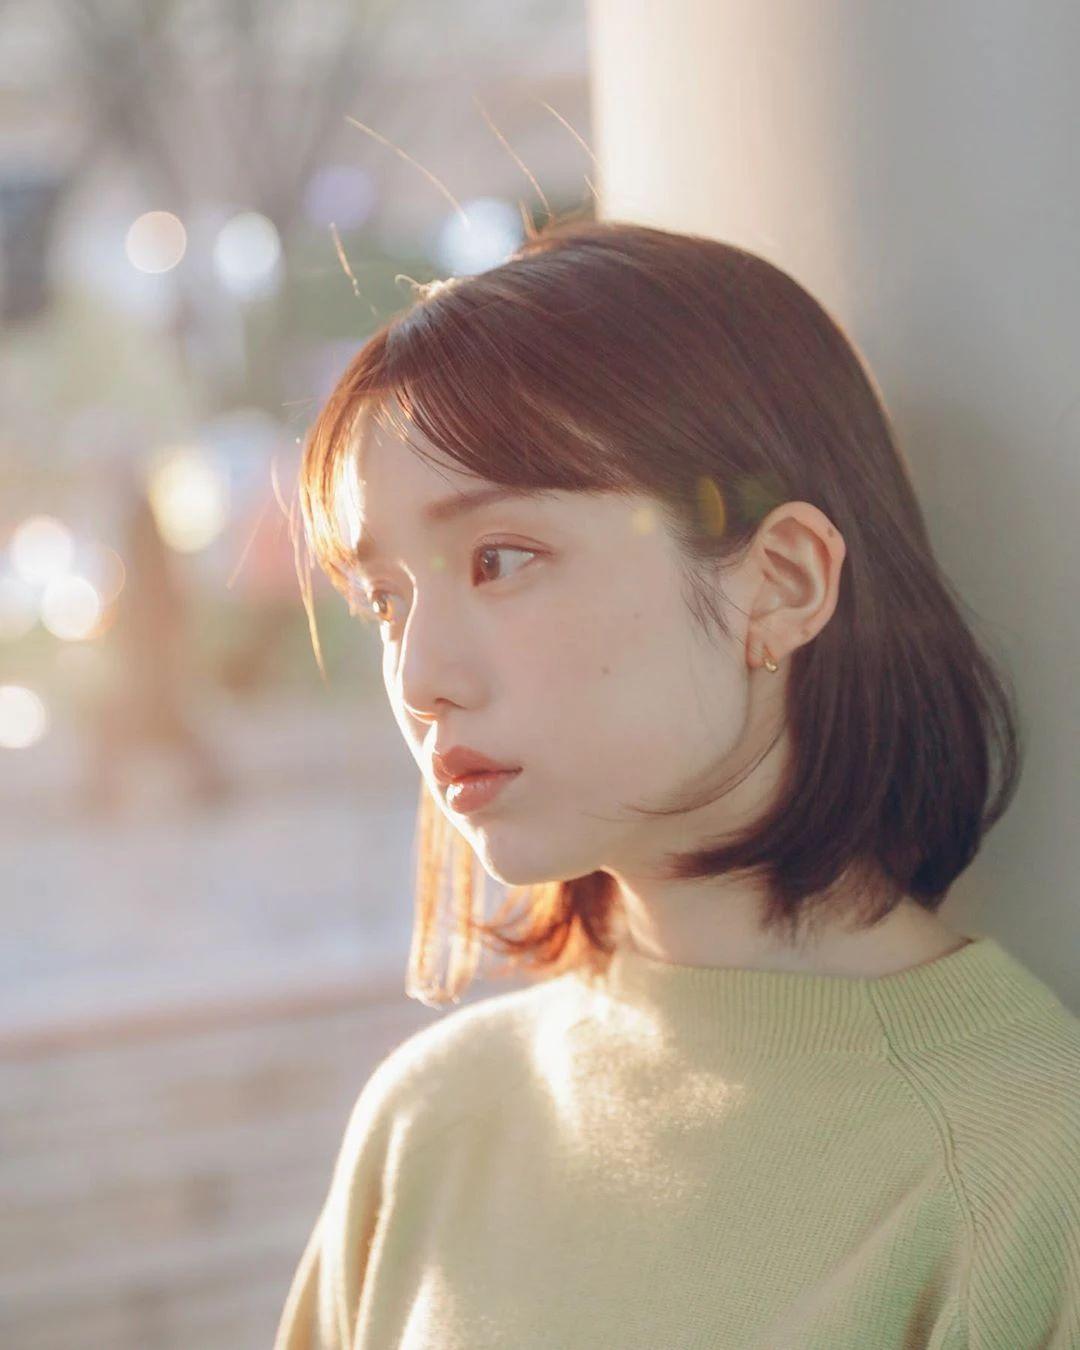 永远一张娃娃脸的棉花糖女孩弘中绫香写真作品 (34)